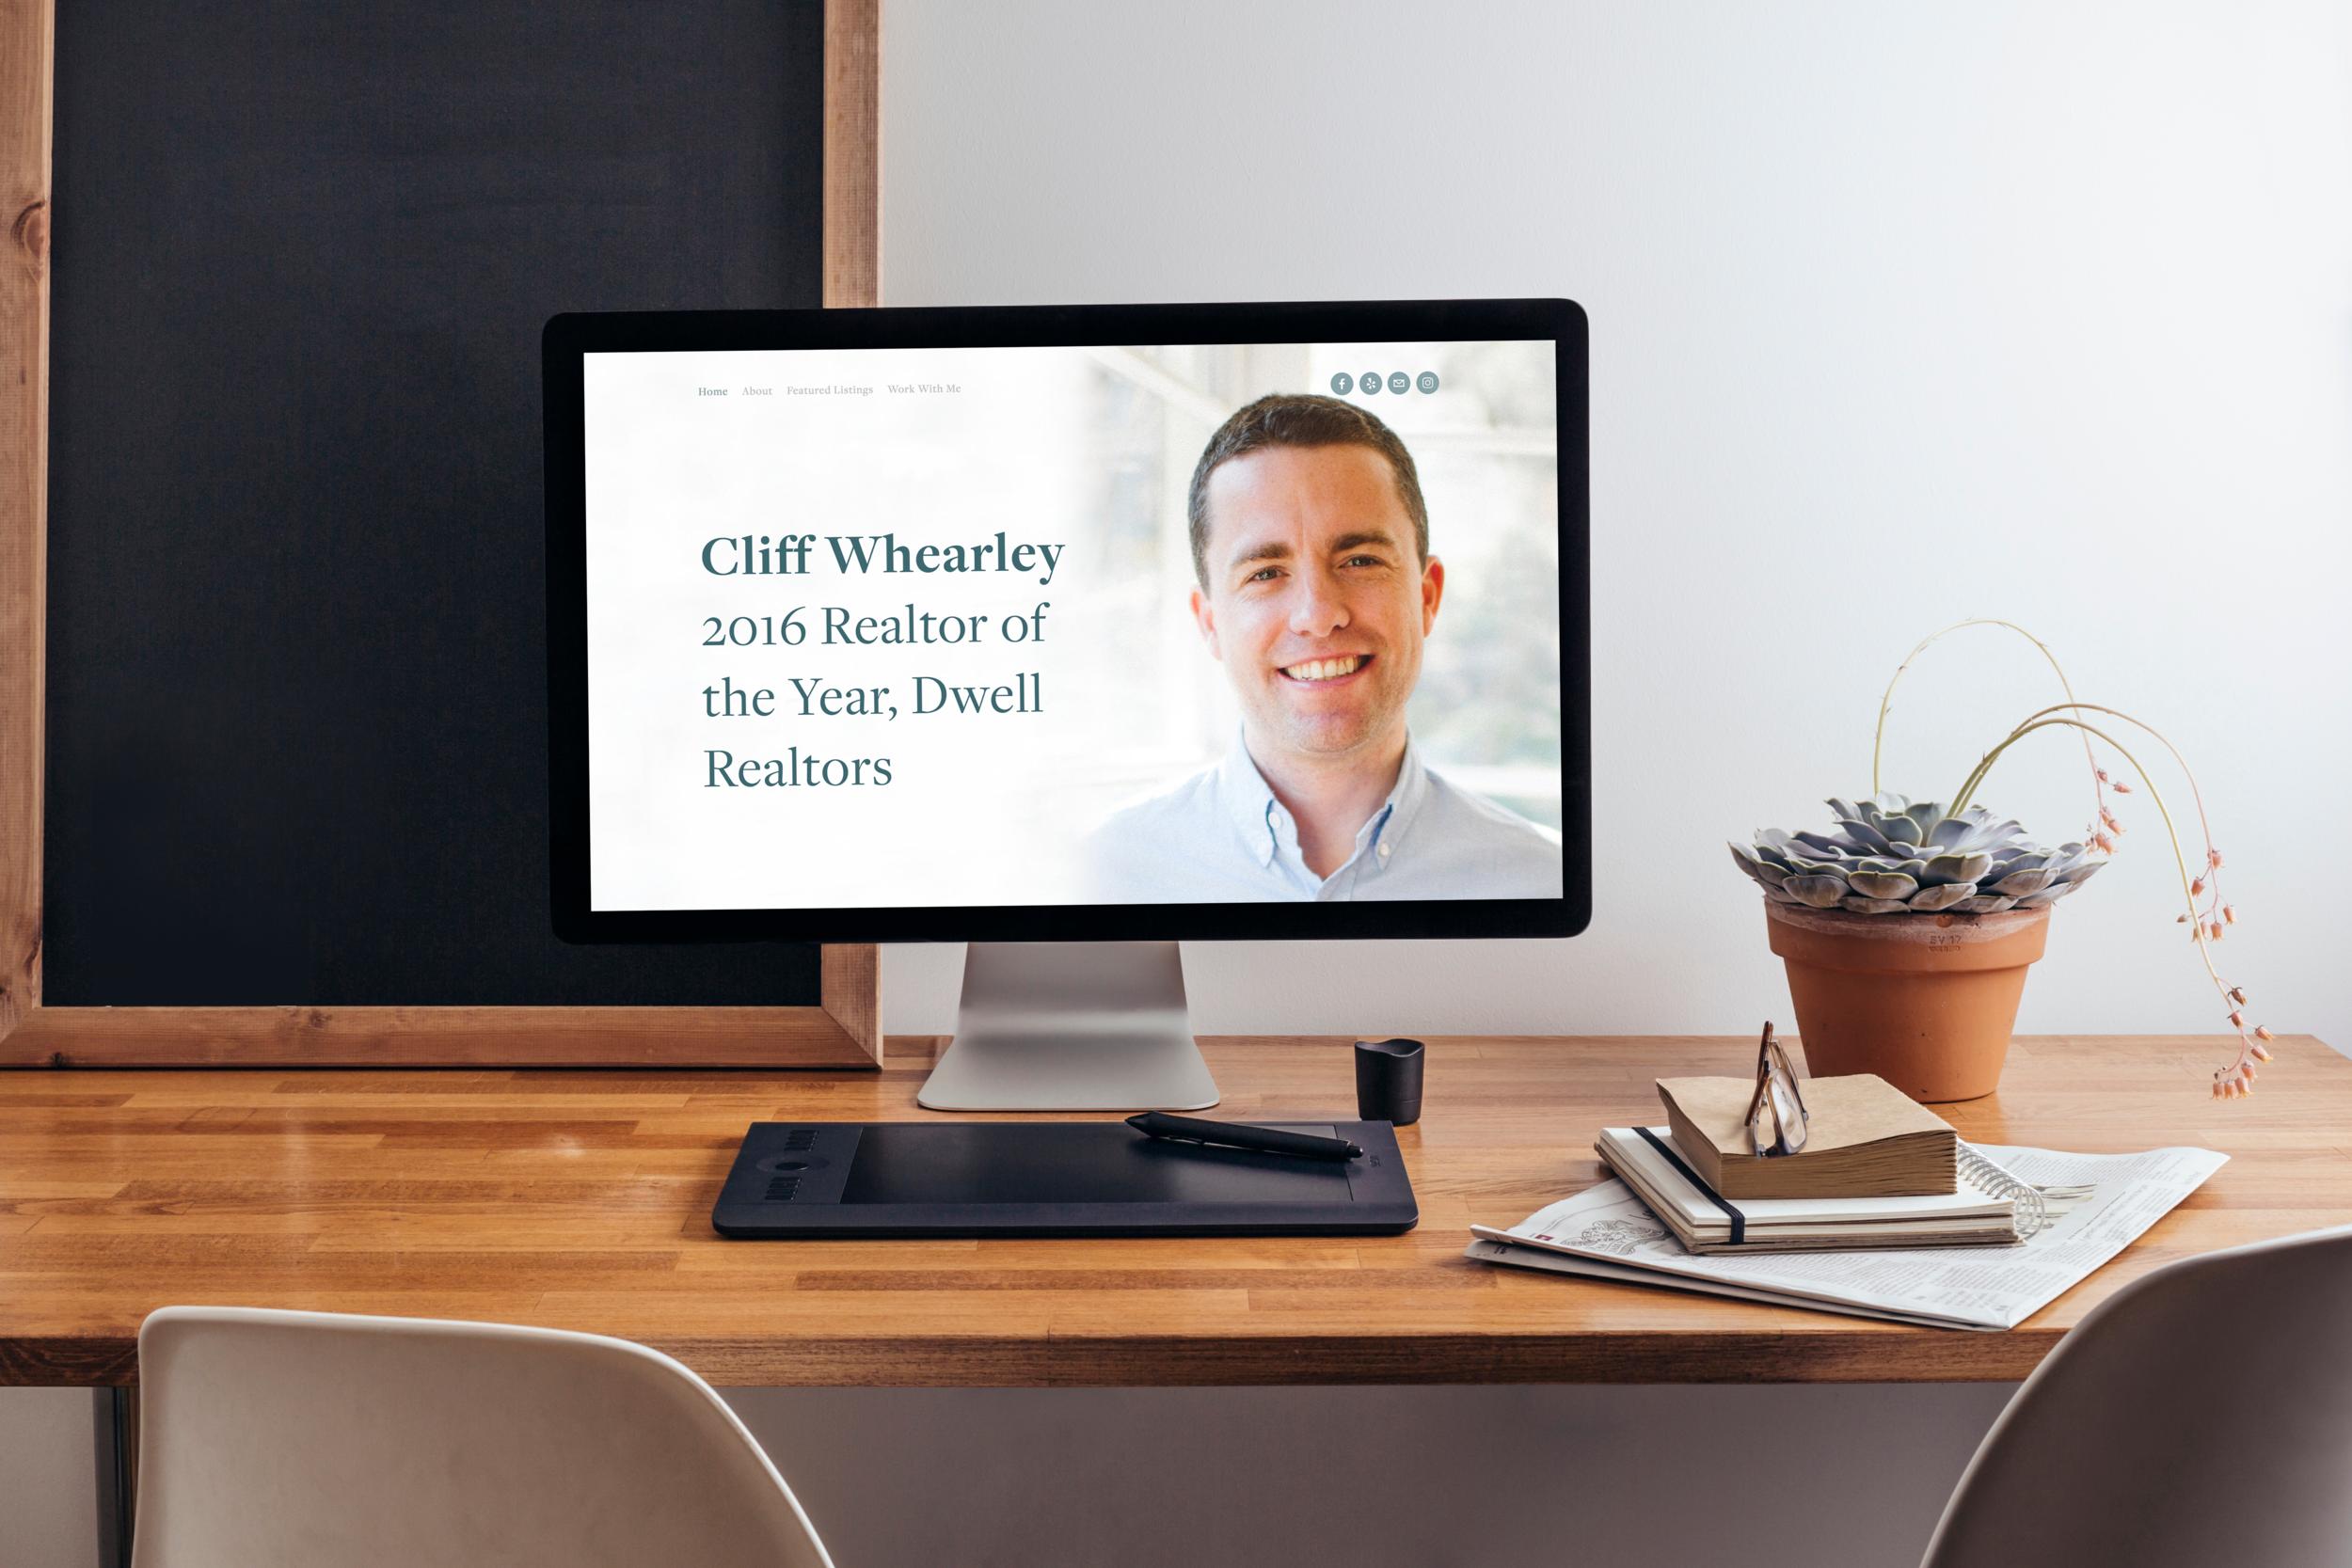 cliffwhearleywebsite